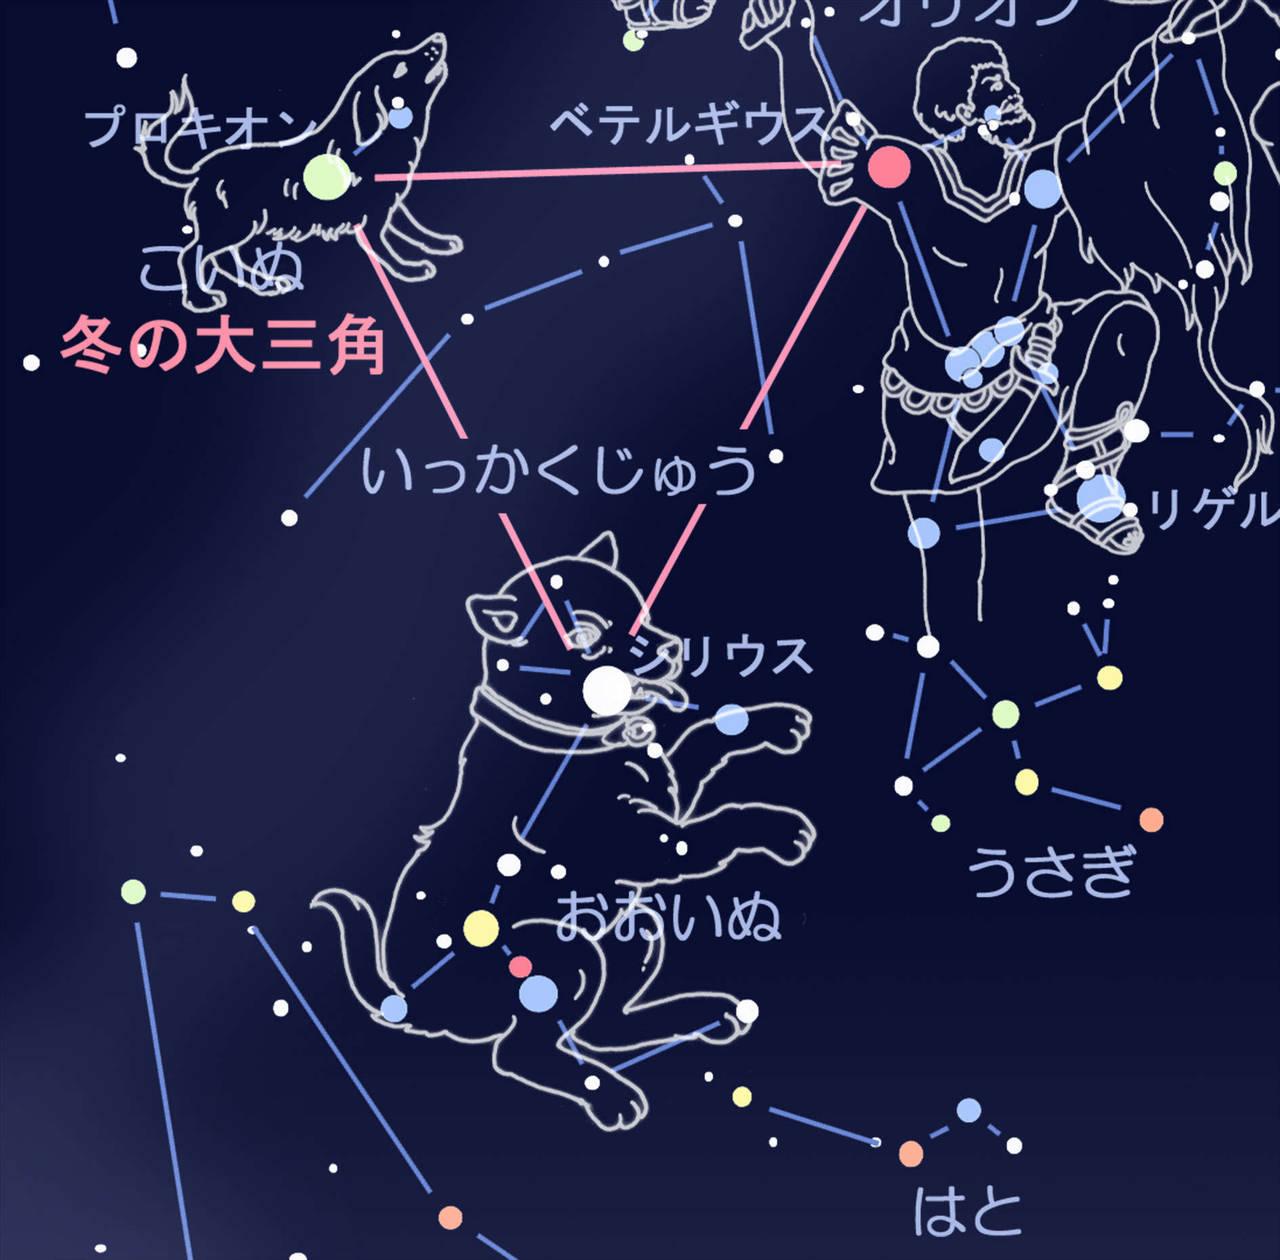 12星座にはないけど48星座にはある「おおいぬ座」と「こいぬ座」知っていますか?